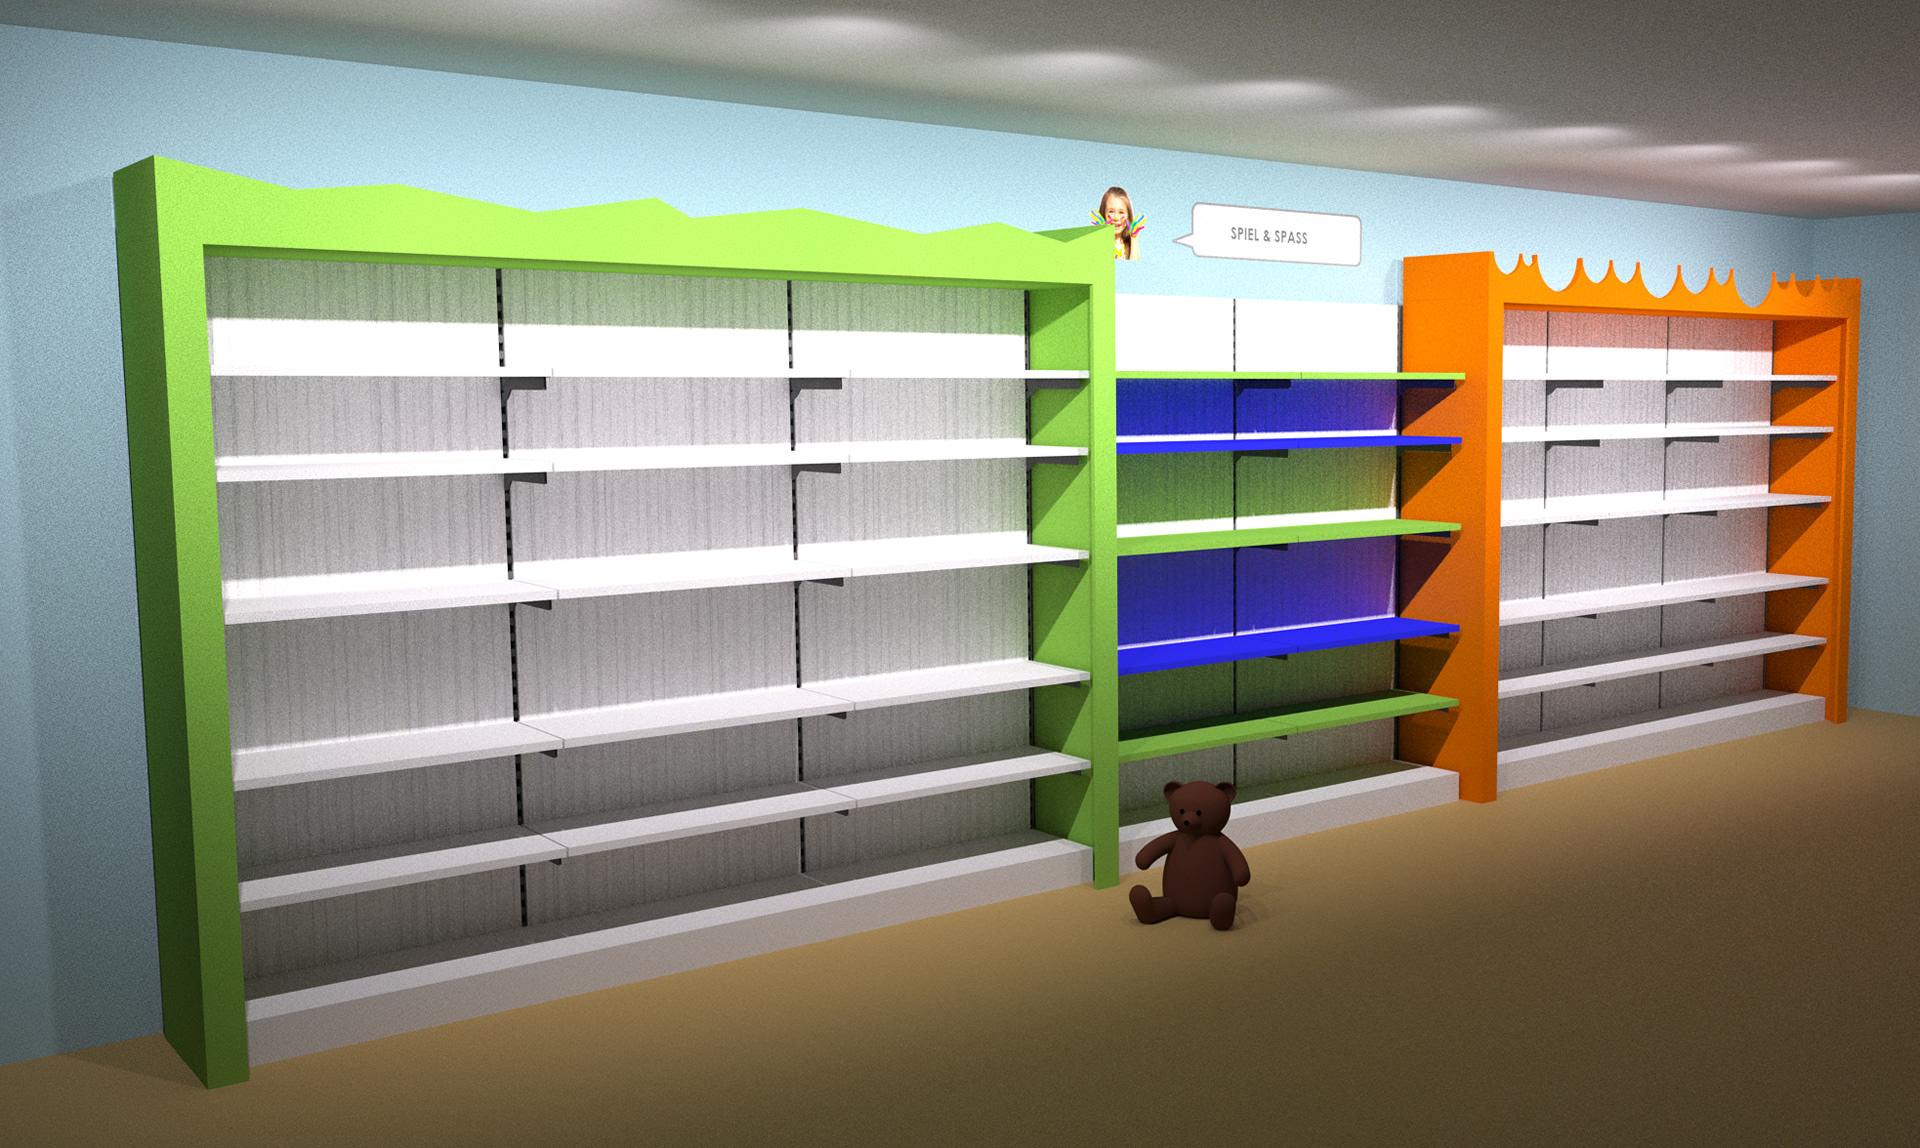 Gespräch mit dem Kunden vor Ort | Innenarchitektur Nitschke-Hein Storedesign